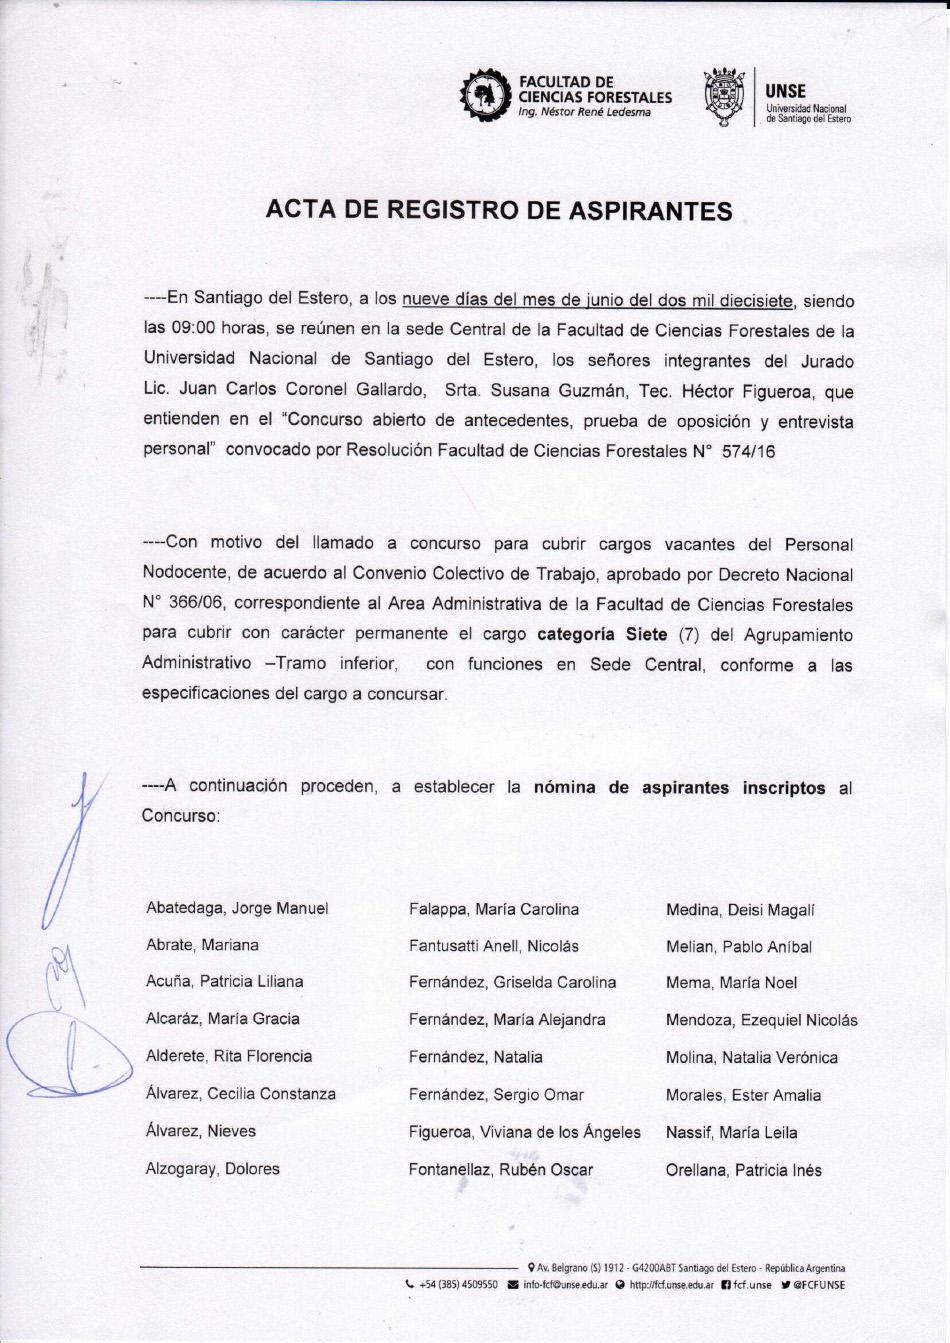 Acta Inscriptos Concurso 7 - FCF-1